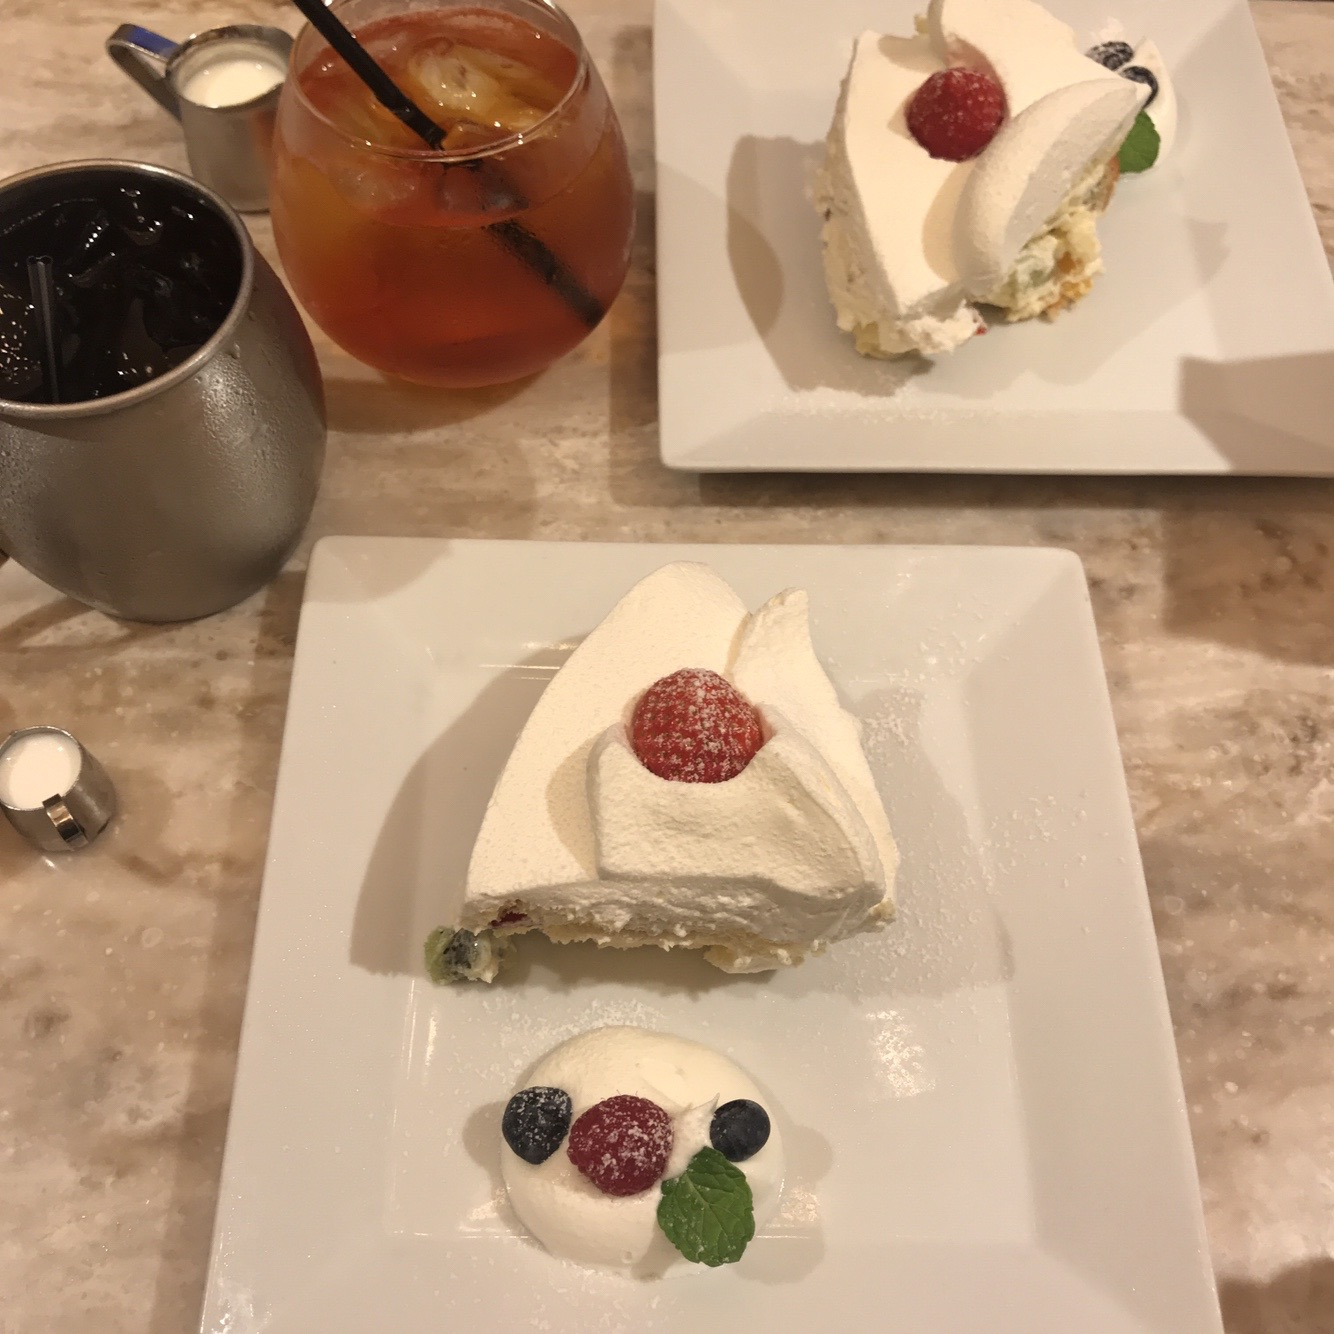 東別院|ふわふわインスタ映えショートケーキが食べられる、高架沿いのカフェ